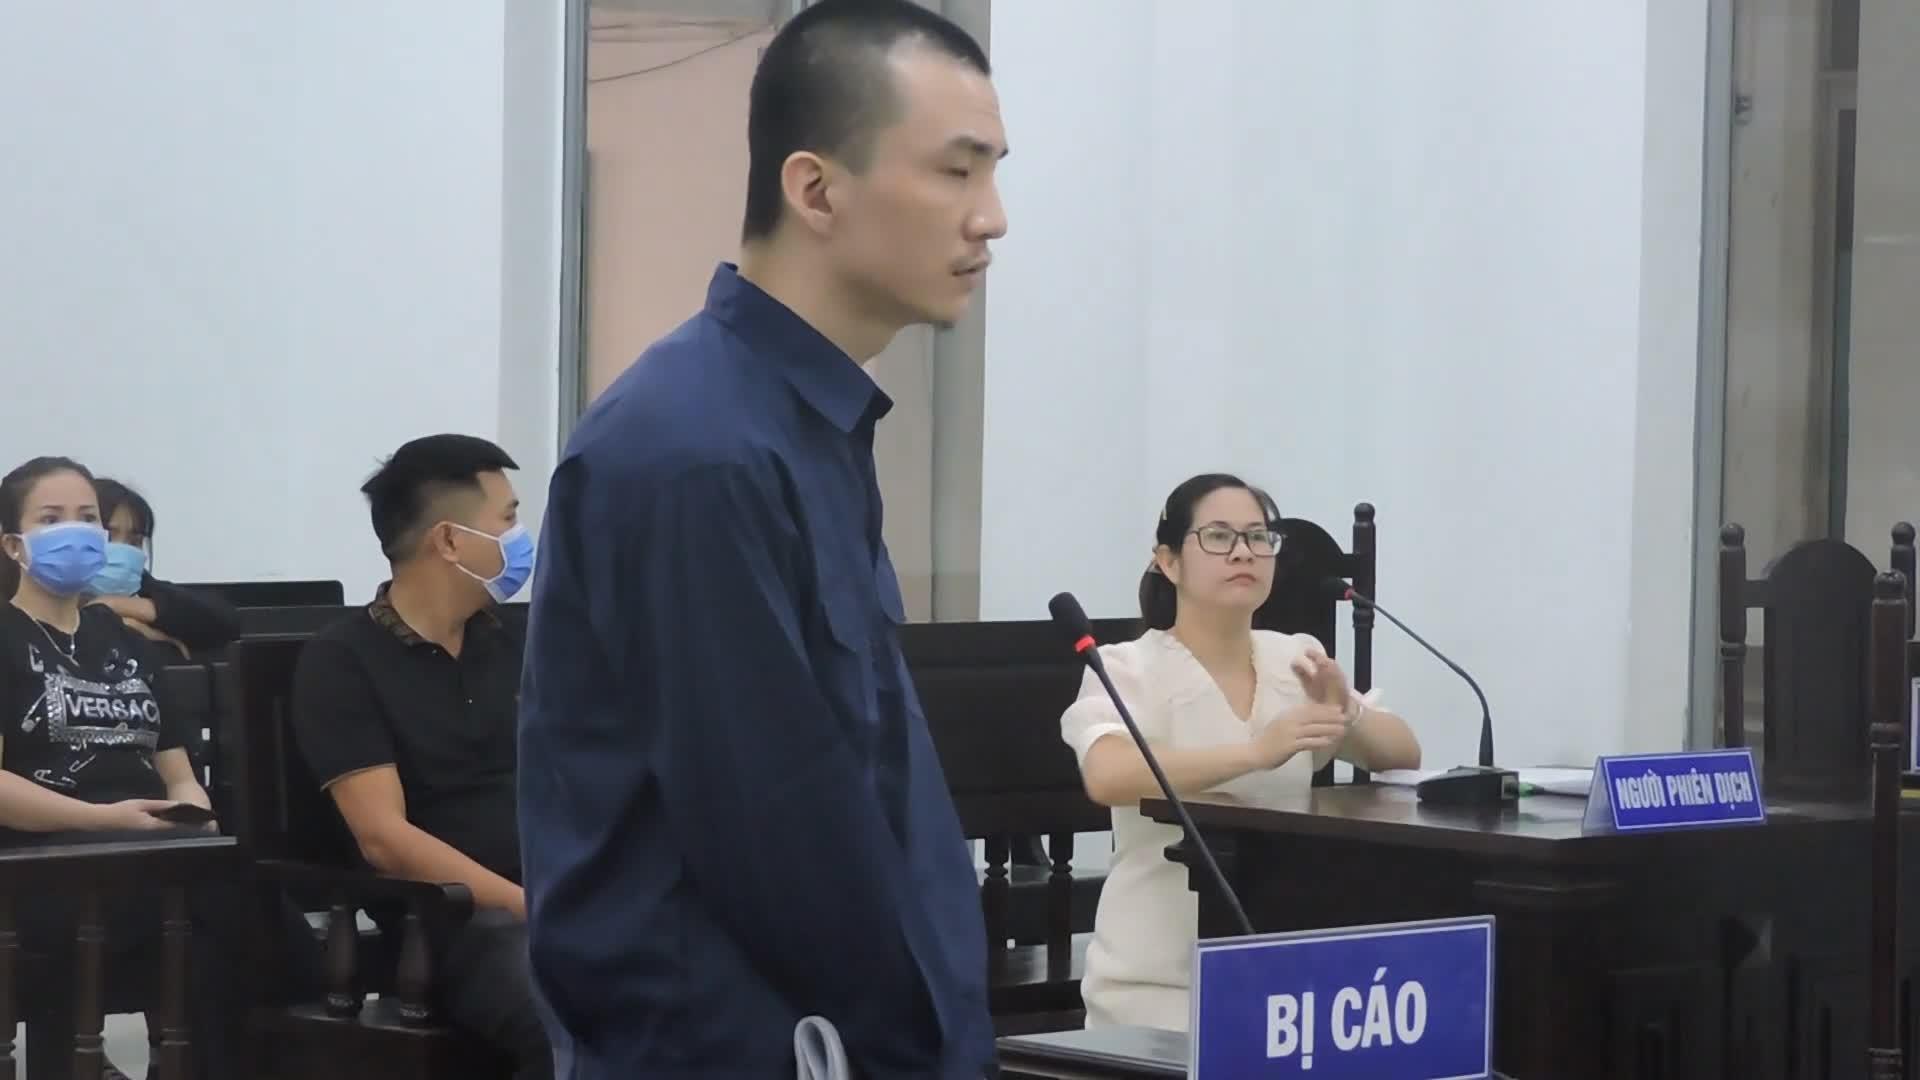 Người Trung Quốc 'đội lốt' người Việt Nam làm gì ở Nha Trang? - Tuổi Trẻ  Online